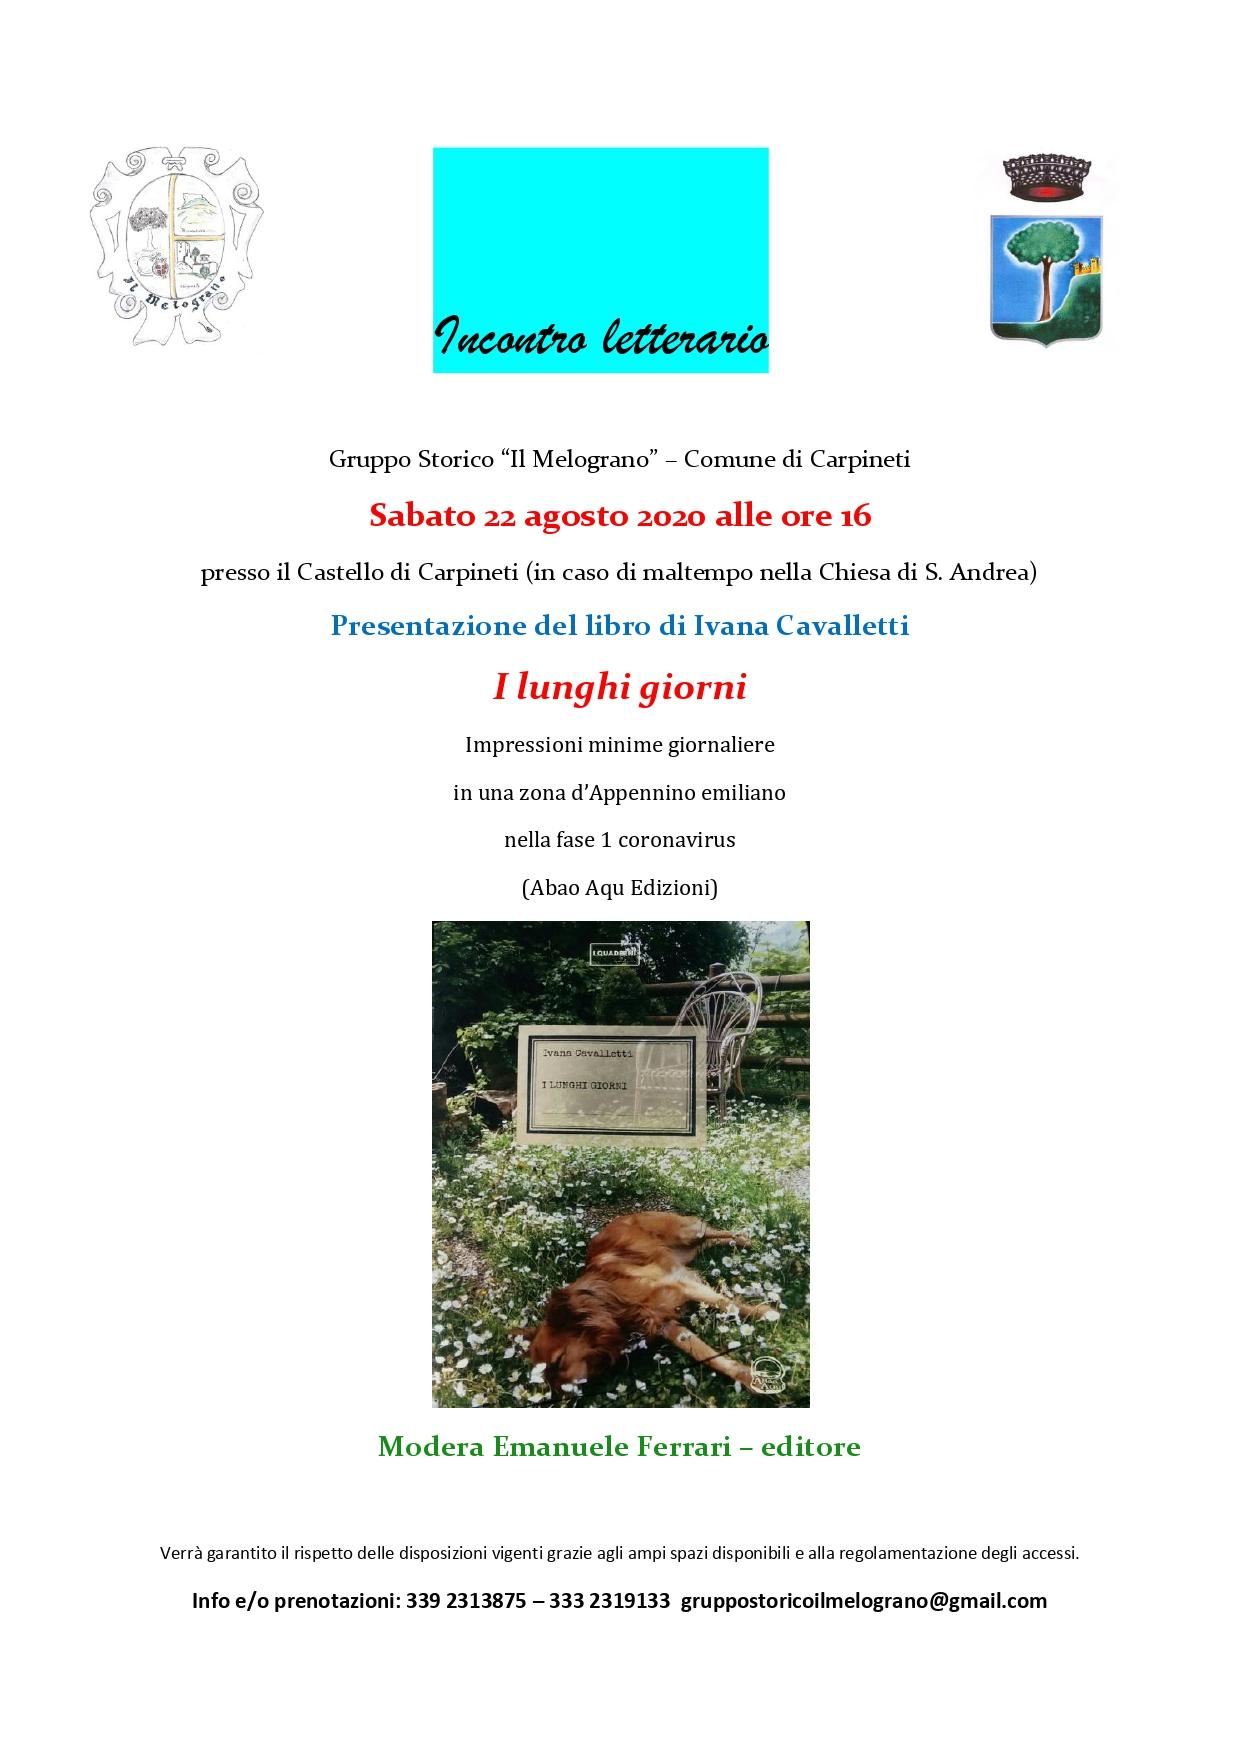 Carpineti 22 agosto I lunghi giorni_page-0001